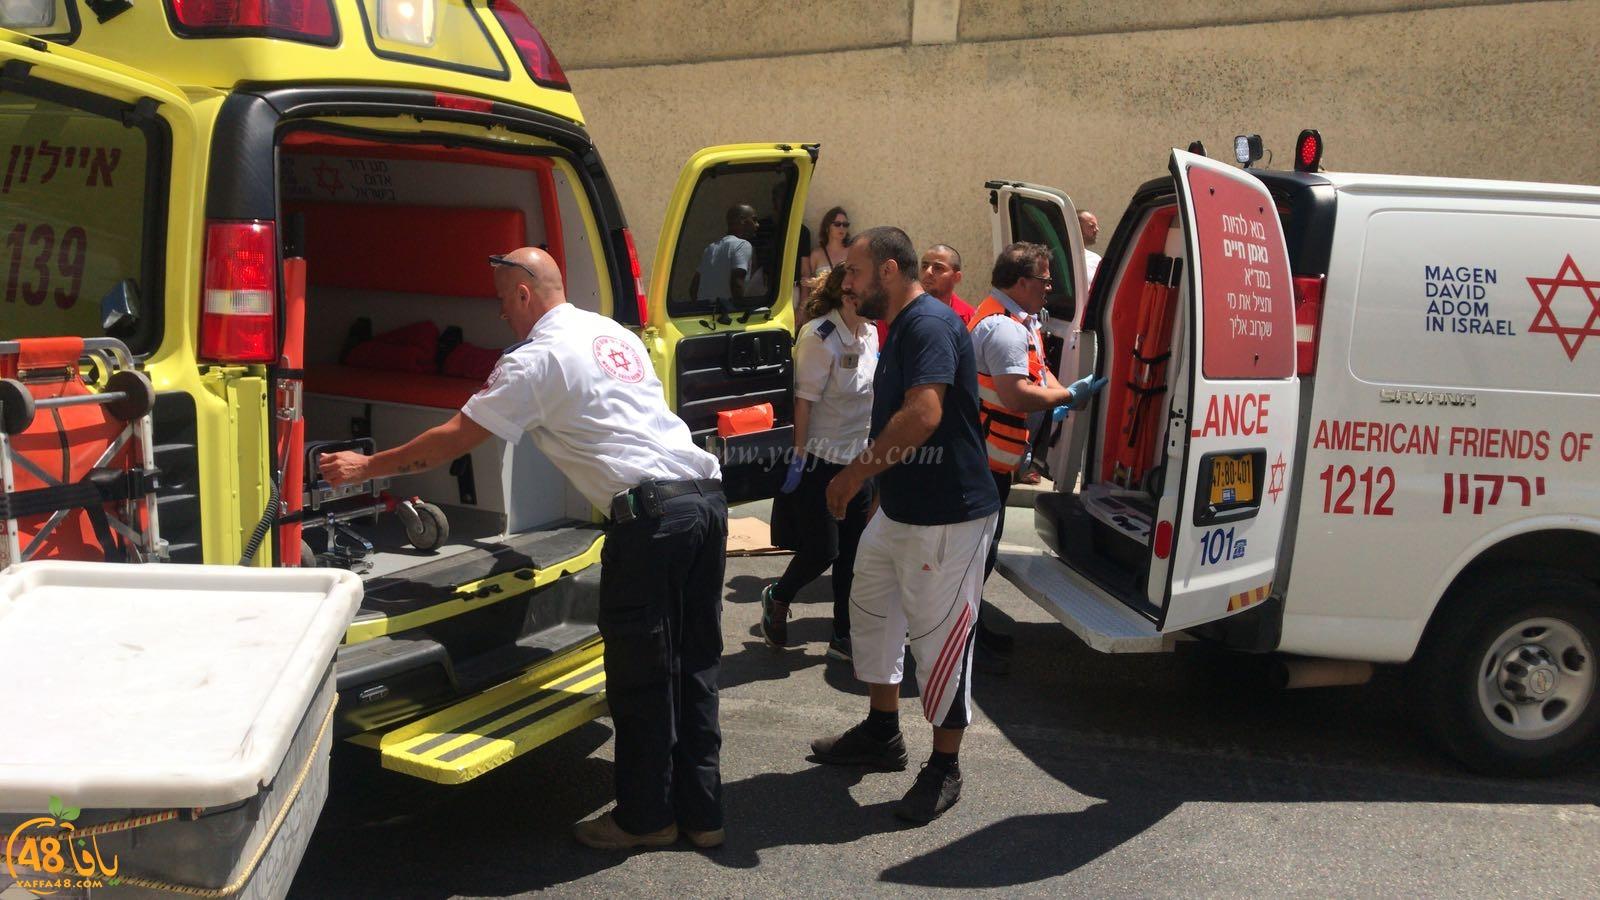 فيديو: بسبب كوابل كهربائية على الطريق - اصابة متوسطة لشاب من يافا بحادث طرق ذاتي